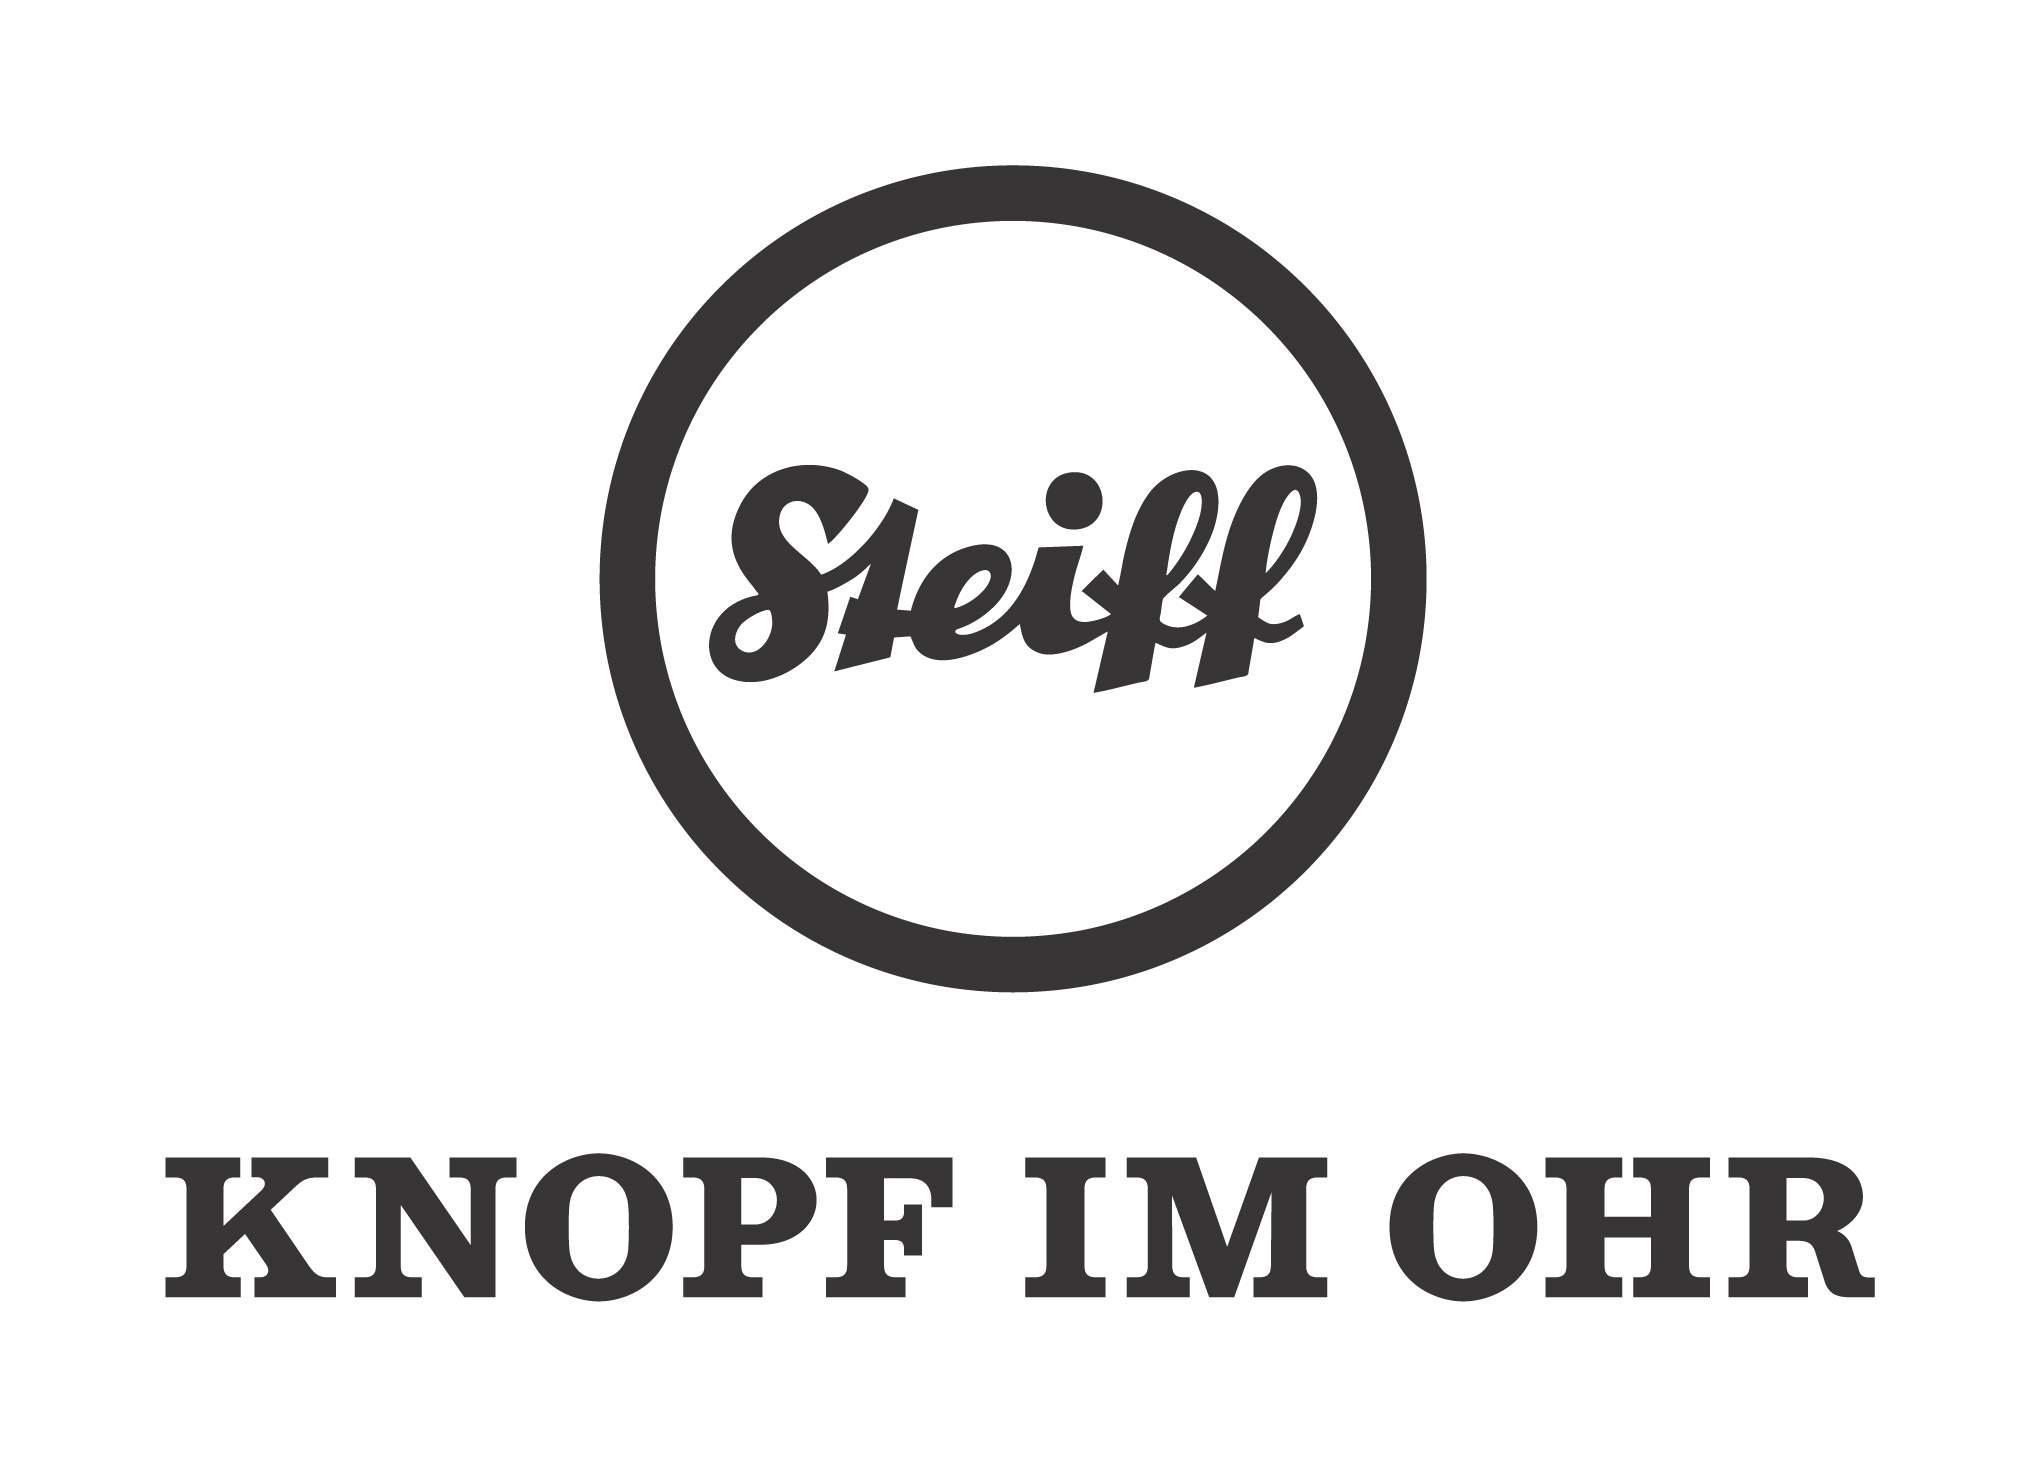 steiff logo SW claim U copy